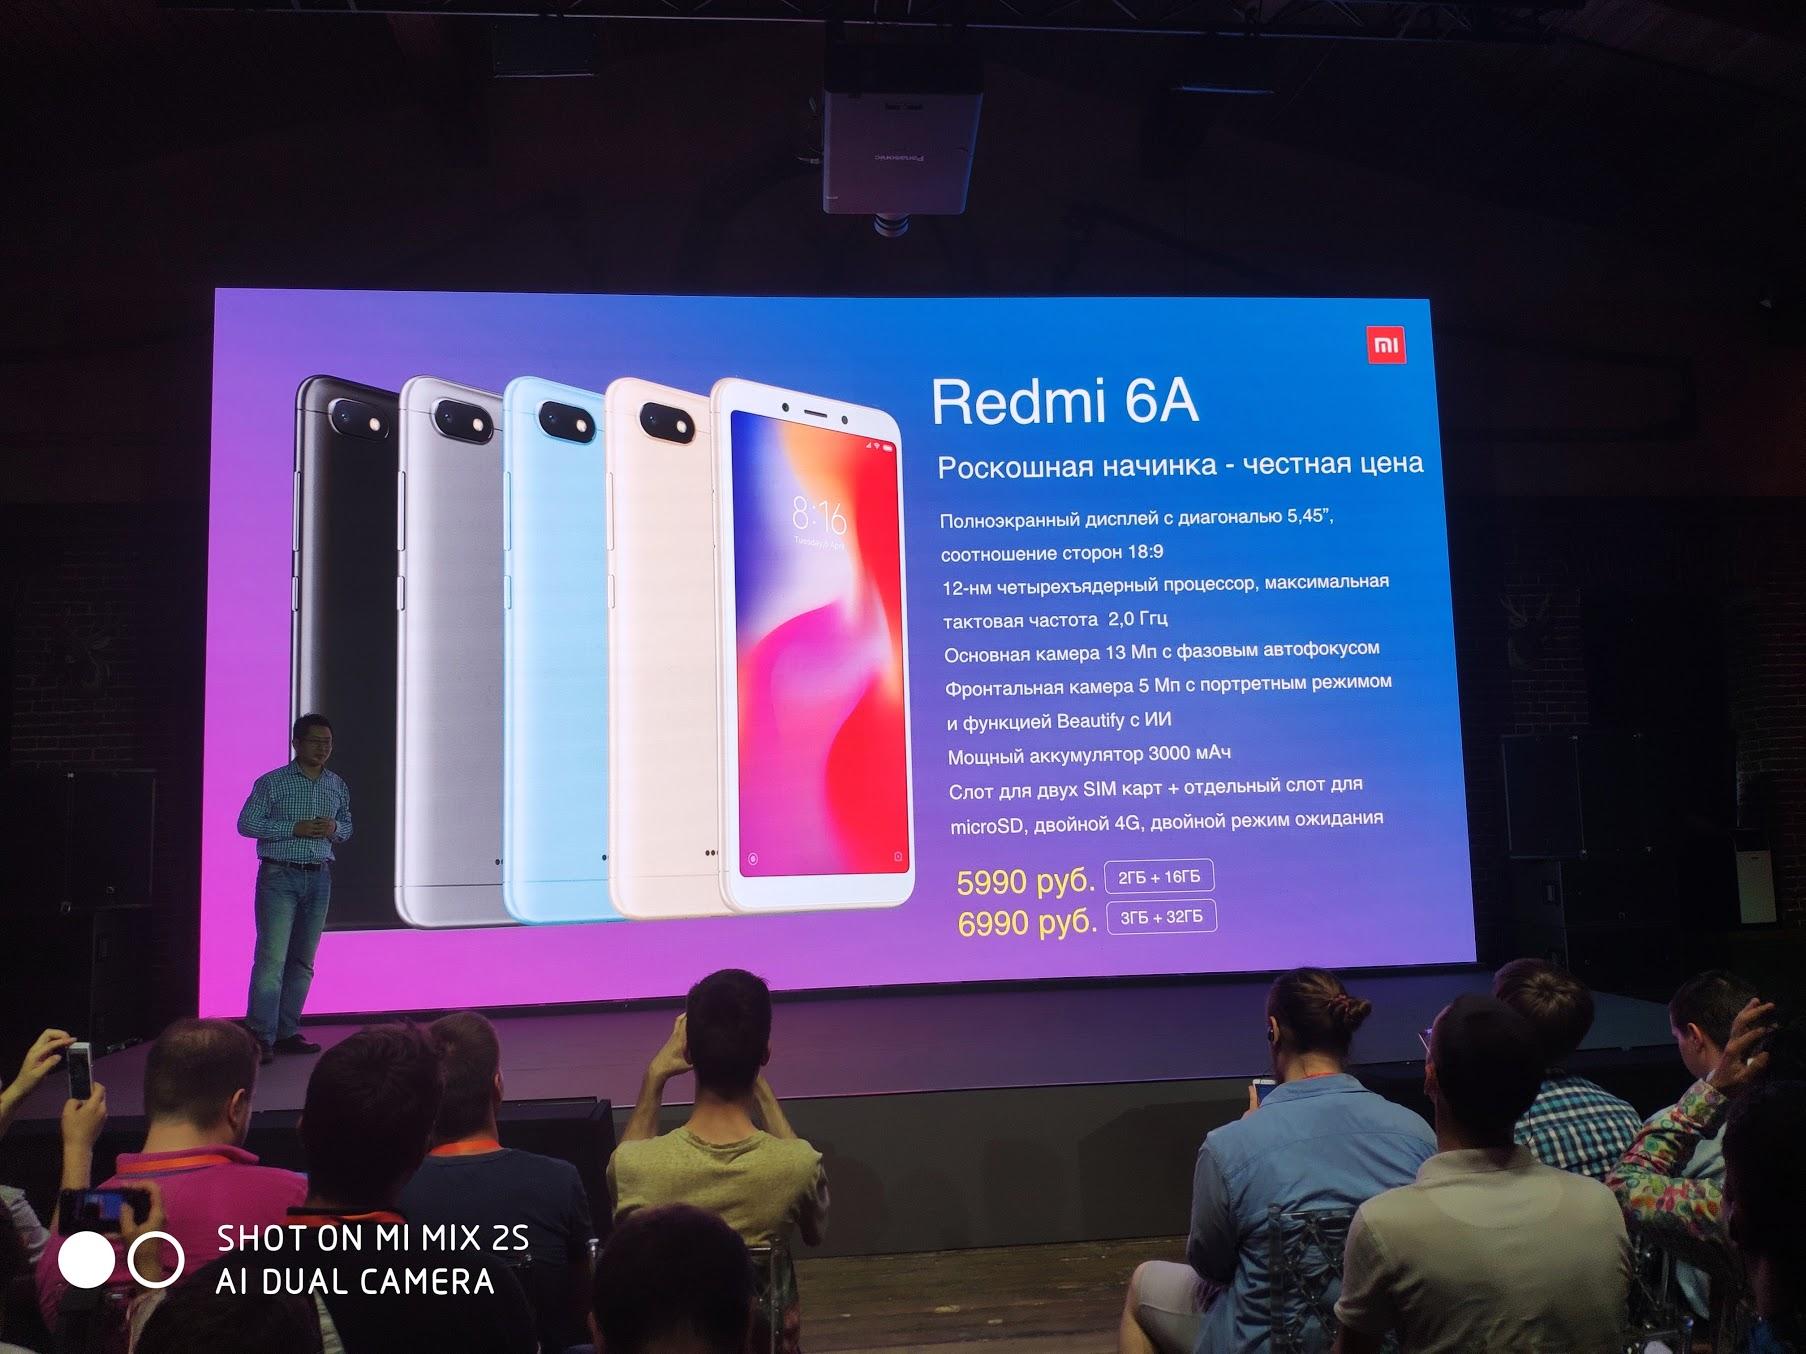 Спецраспродажа Xiaomi Redmi 6A поультранизкойцене состоится вавгусте официально